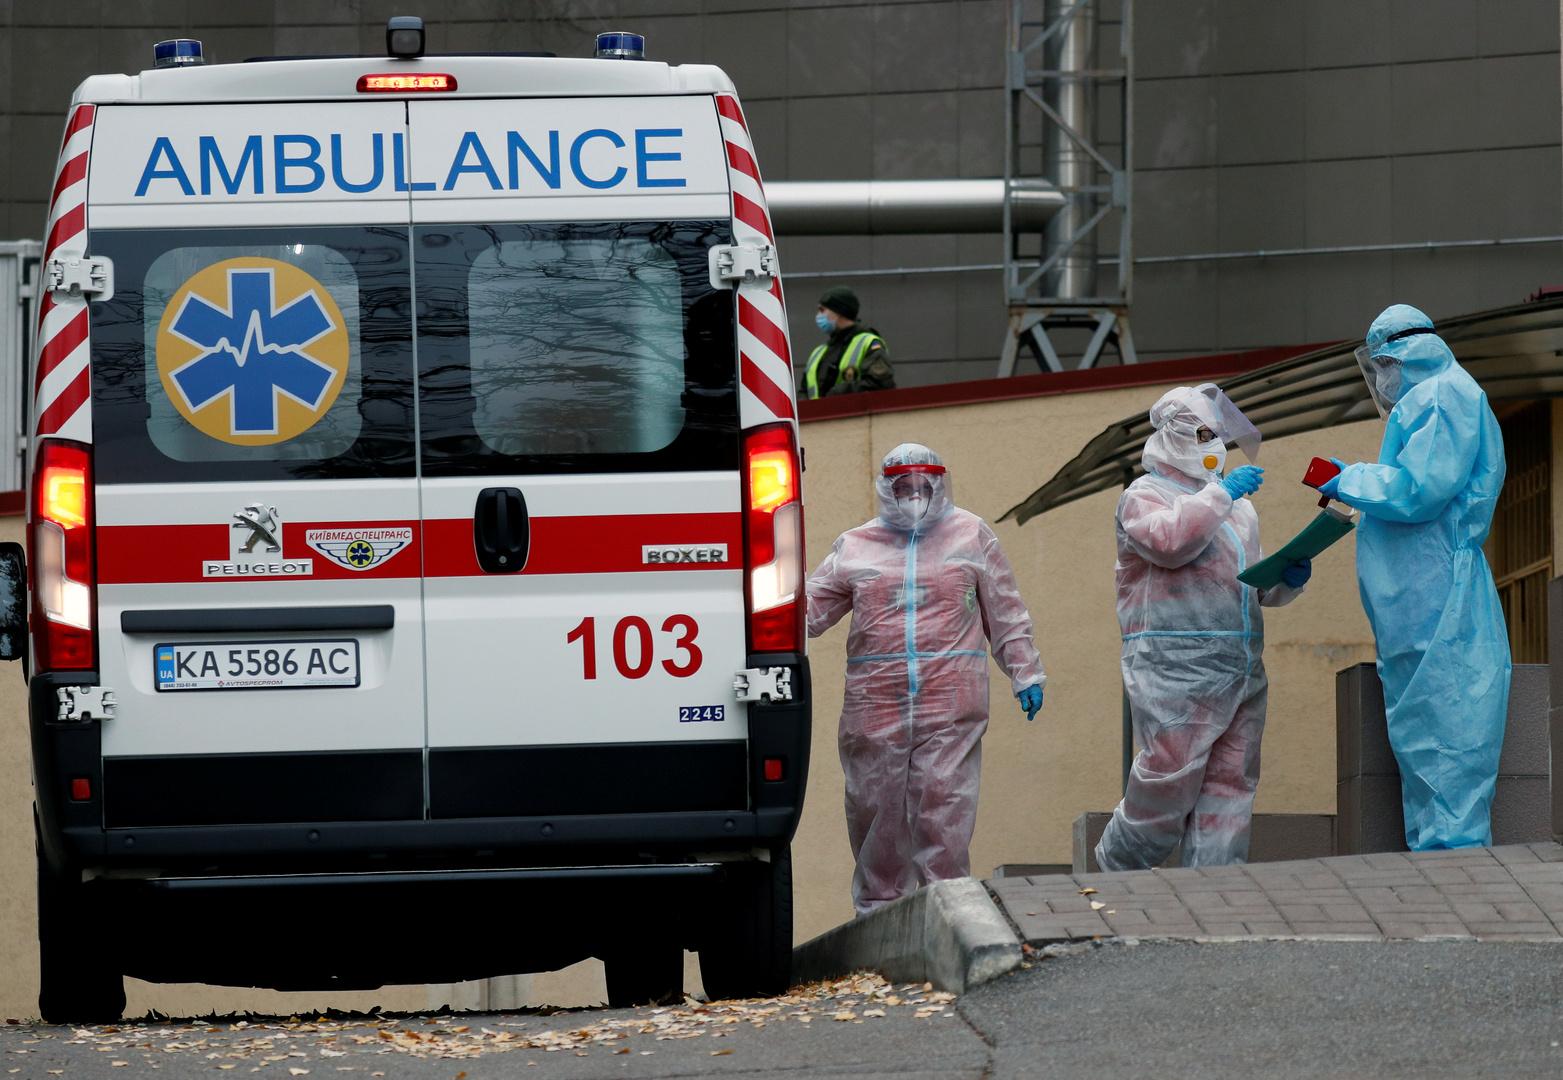 أوكرانيا تسجل رقما قياسيا جديدا بإصابات كورونا